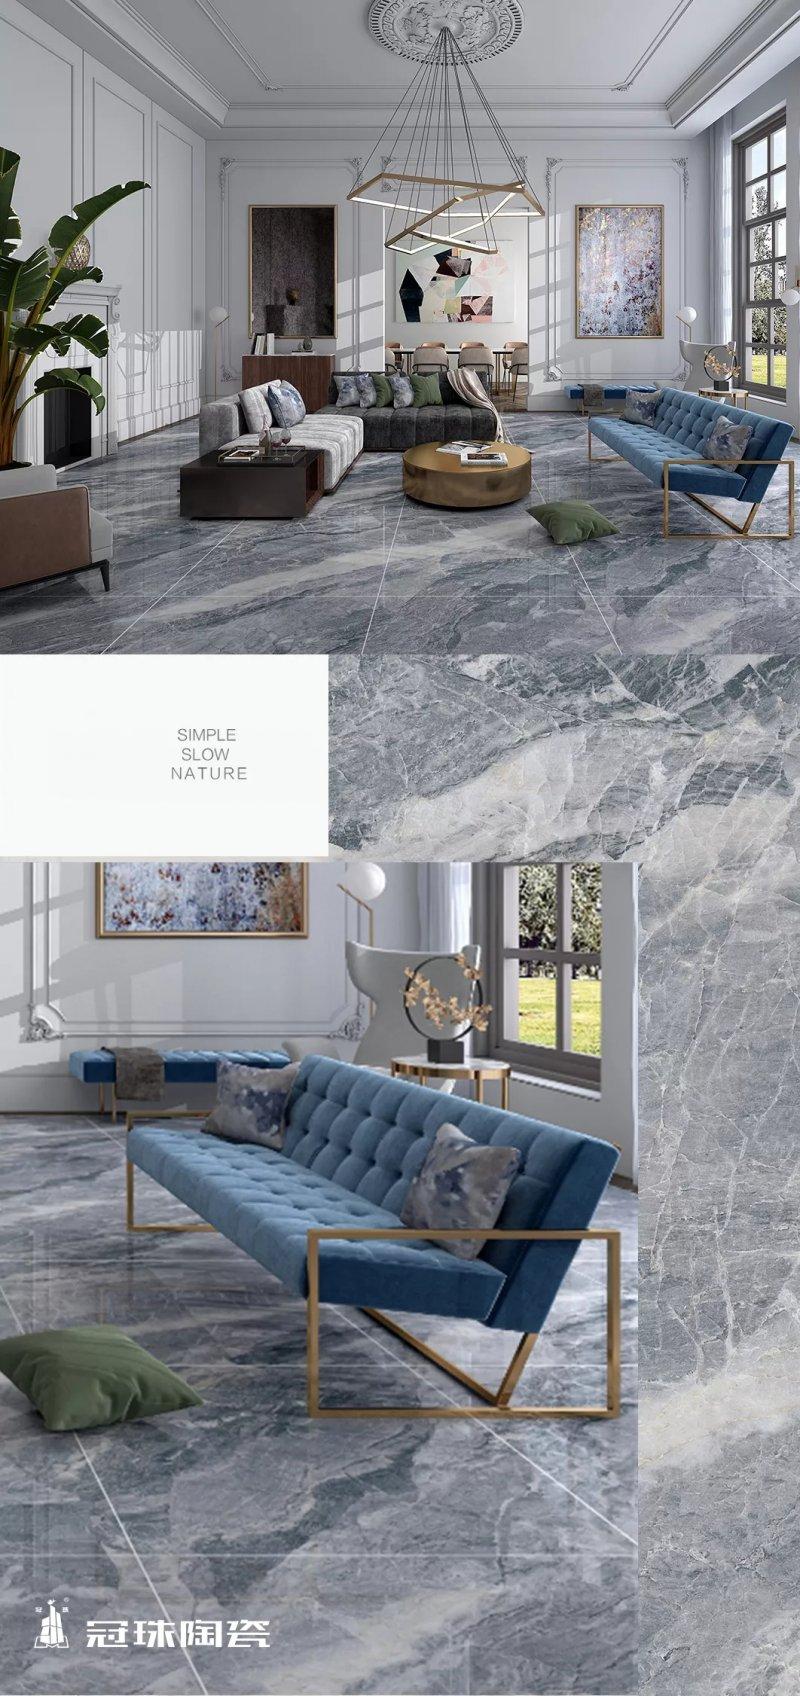 冠珠陶瓷图片 大理石瓷砖2.0系列装修效果图